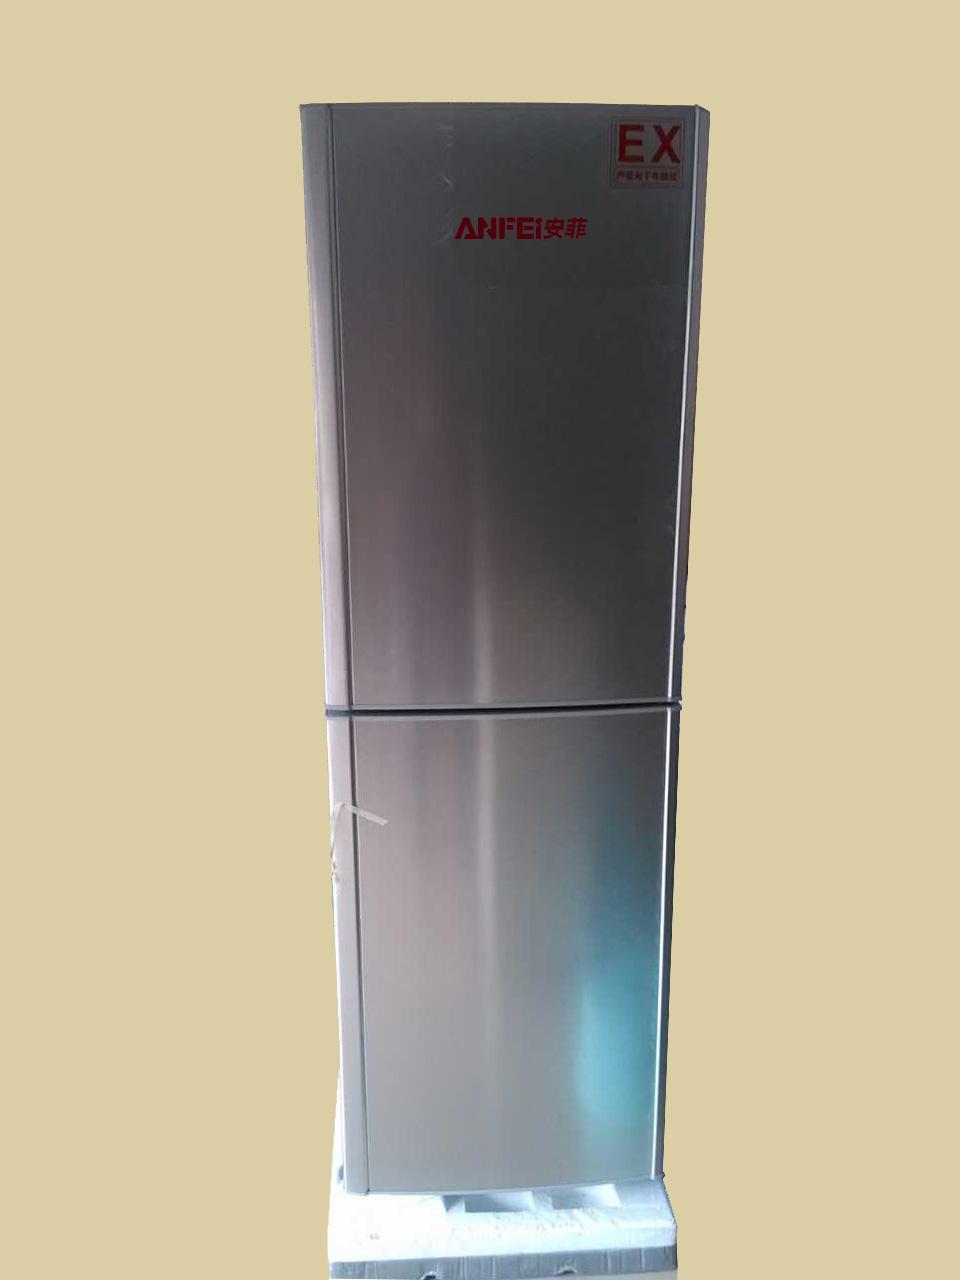 供应东莞防爆电器/防爆冰柜/防爆冷藏箱/防爆冰箱BL-250L